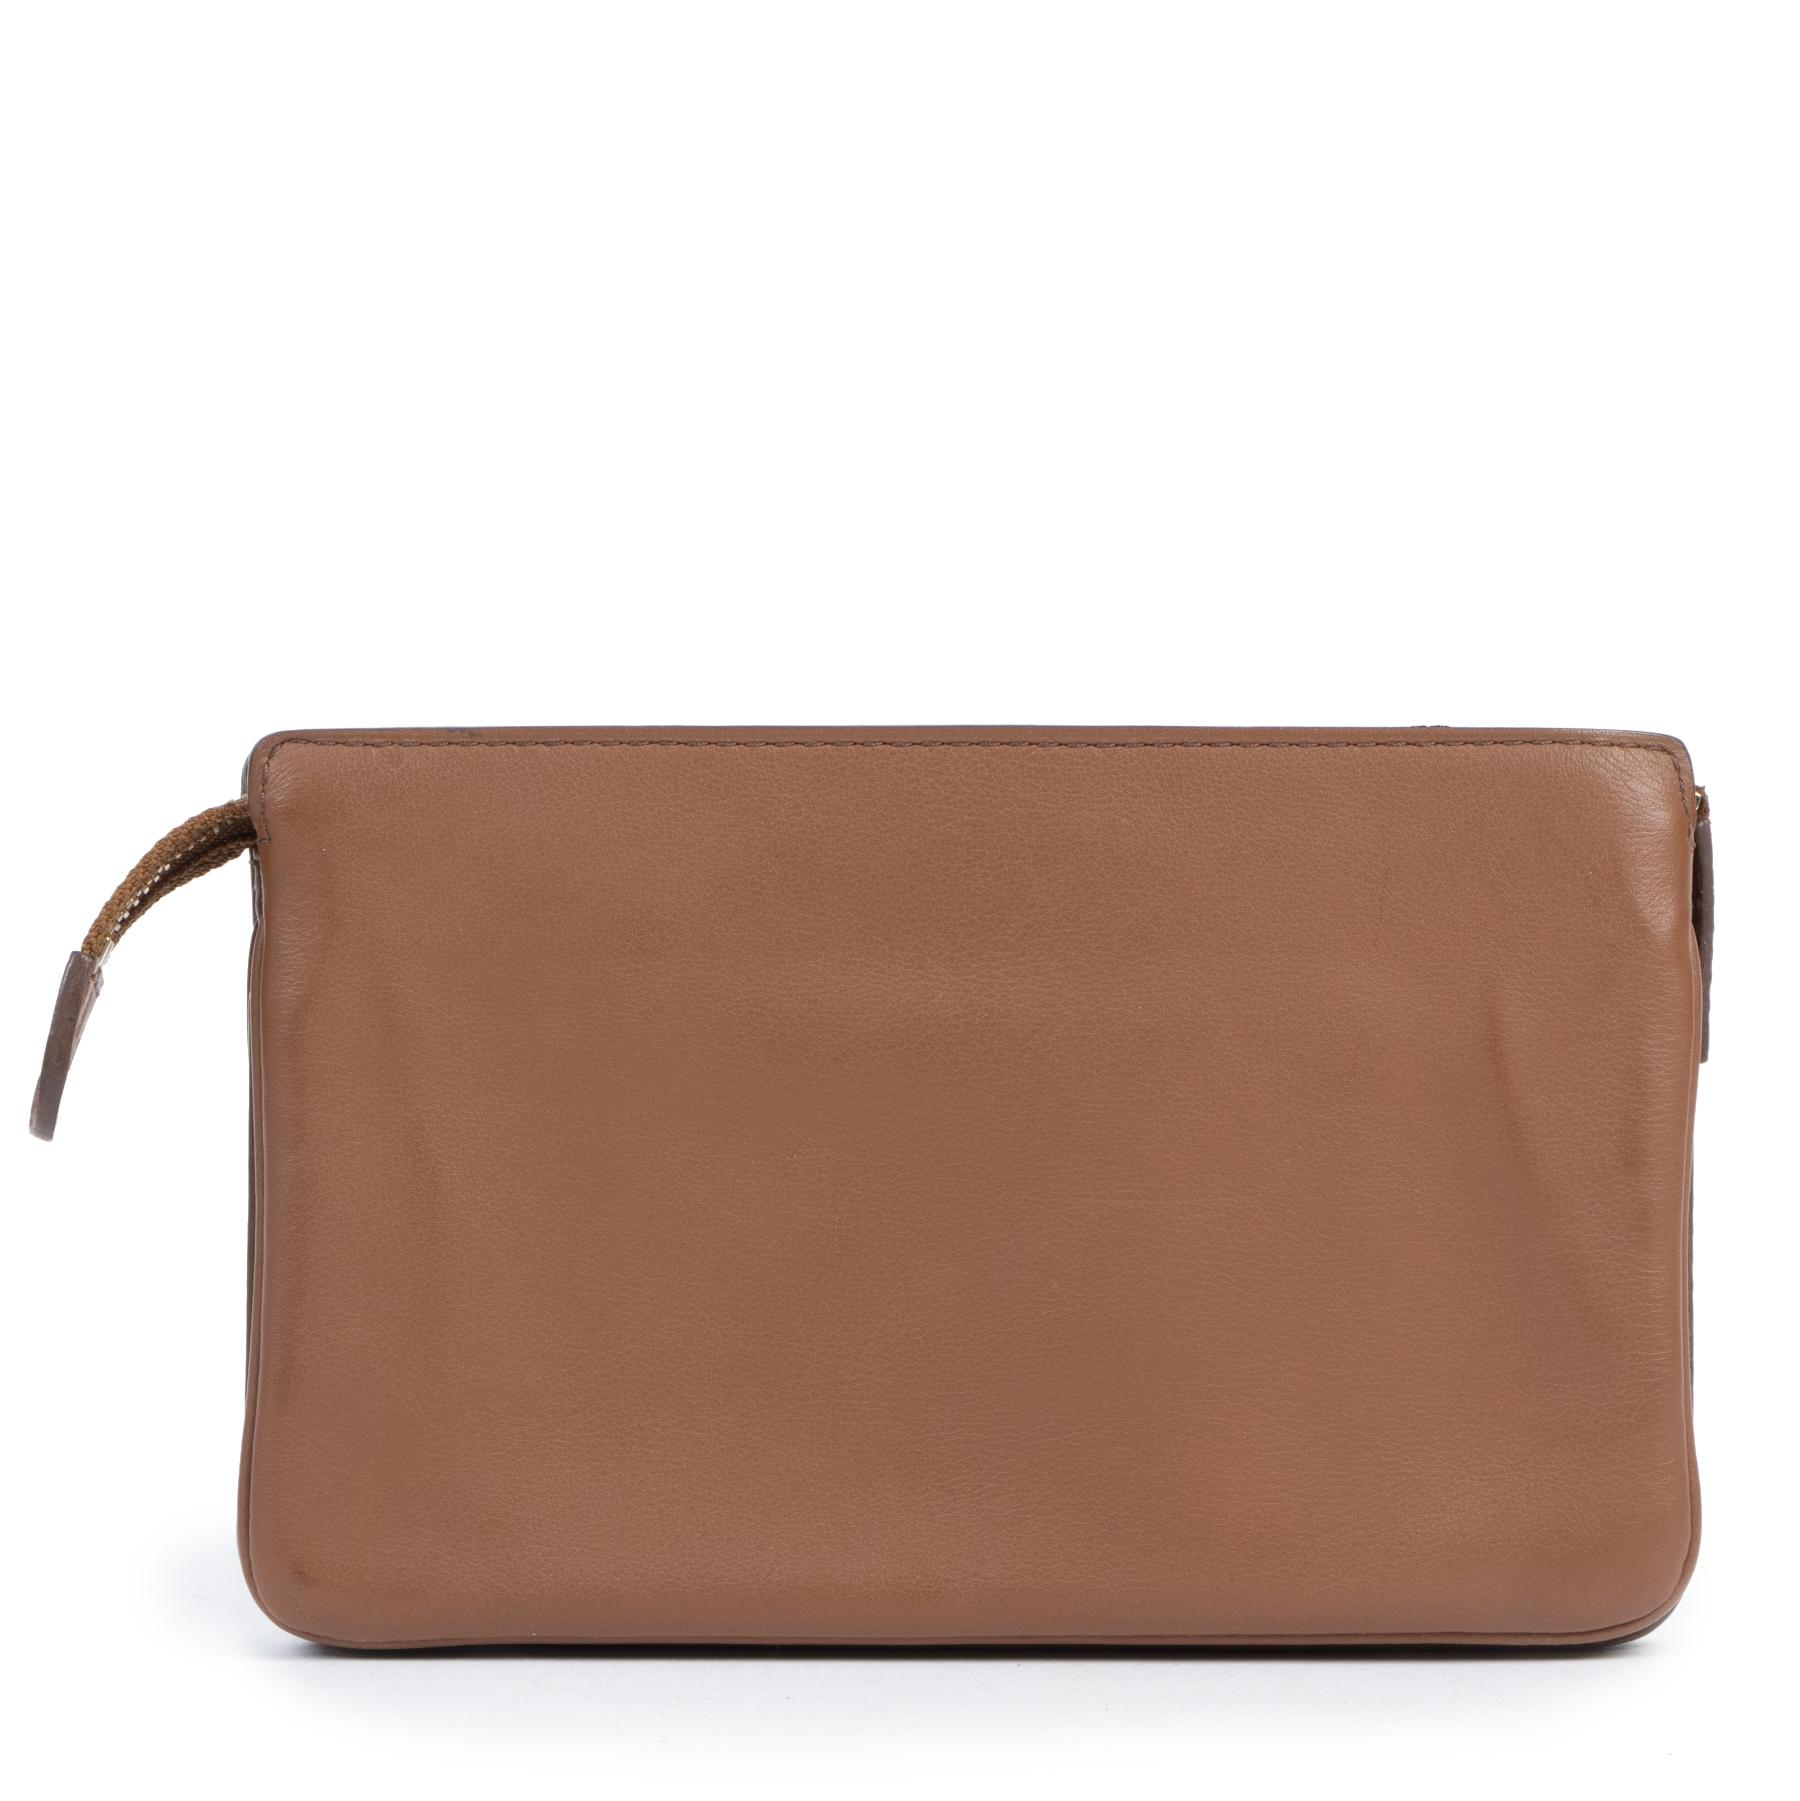 Authentieke tweedehands vintage Delvaux Cognac Leather Wallet koop online webshop LabelLOV